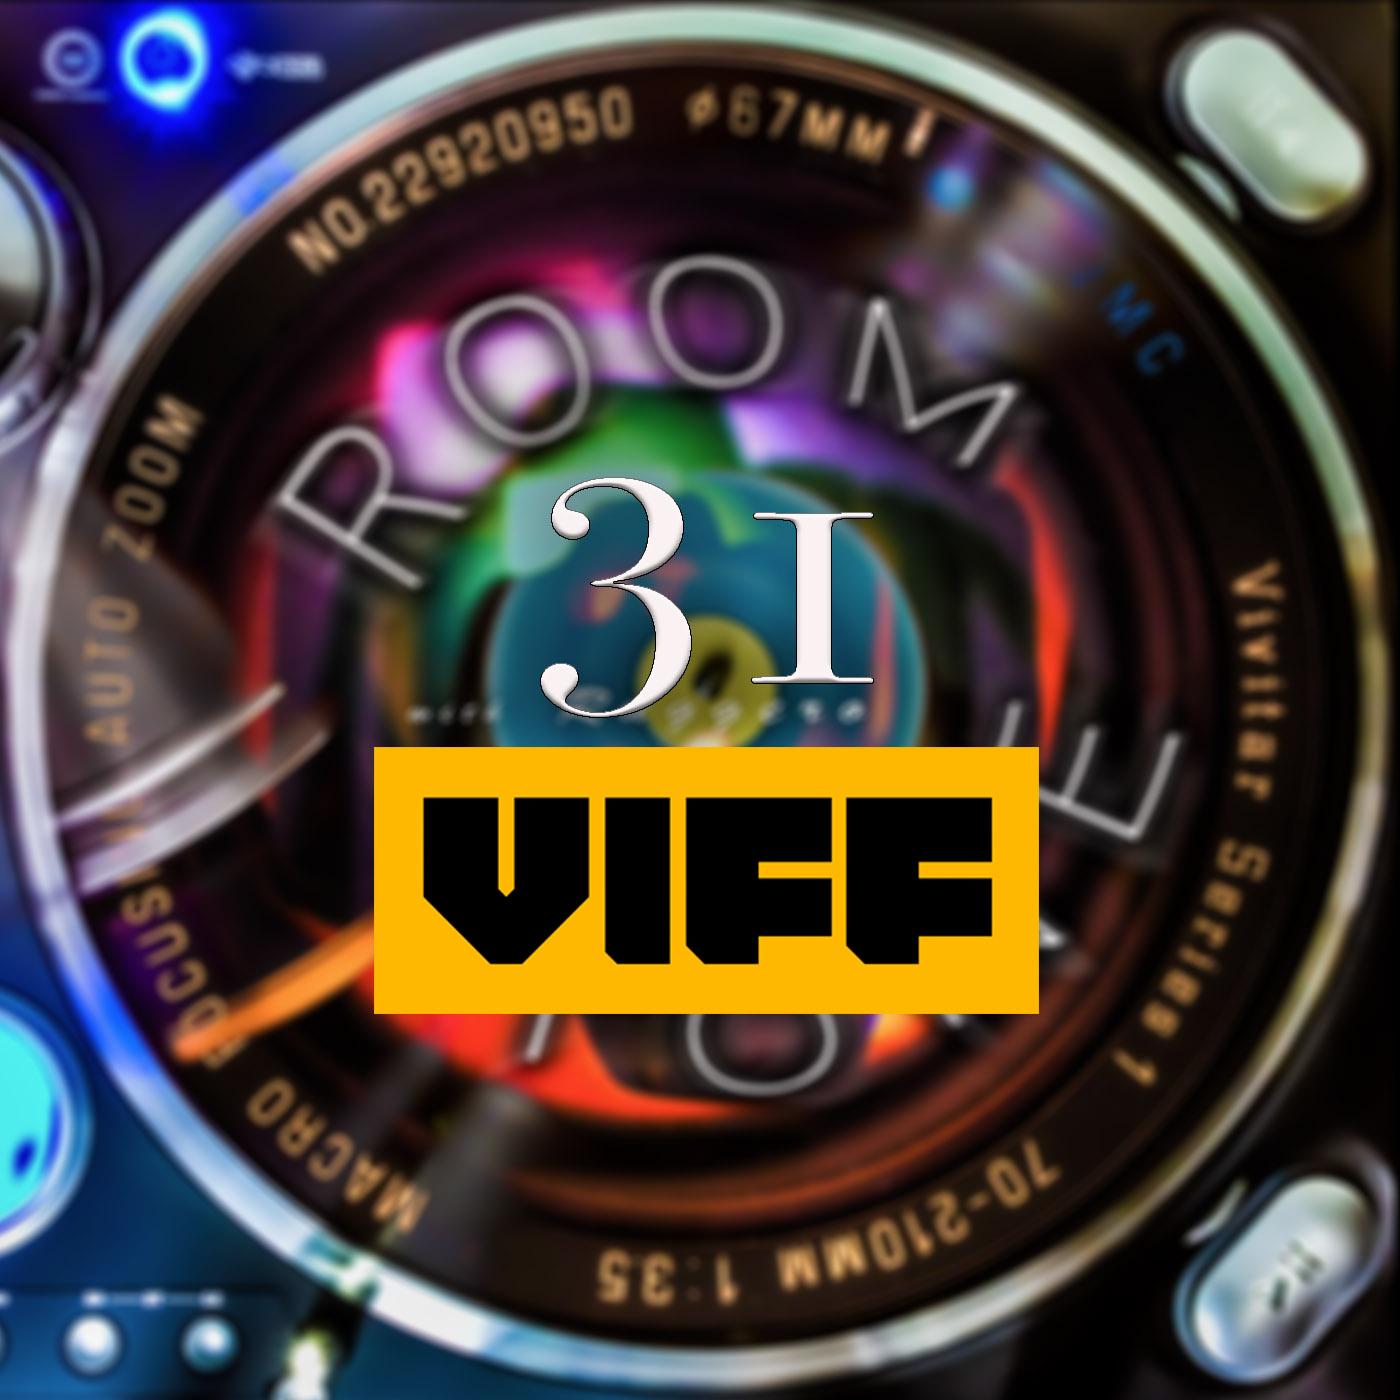 Room Tone Take 31.jpg